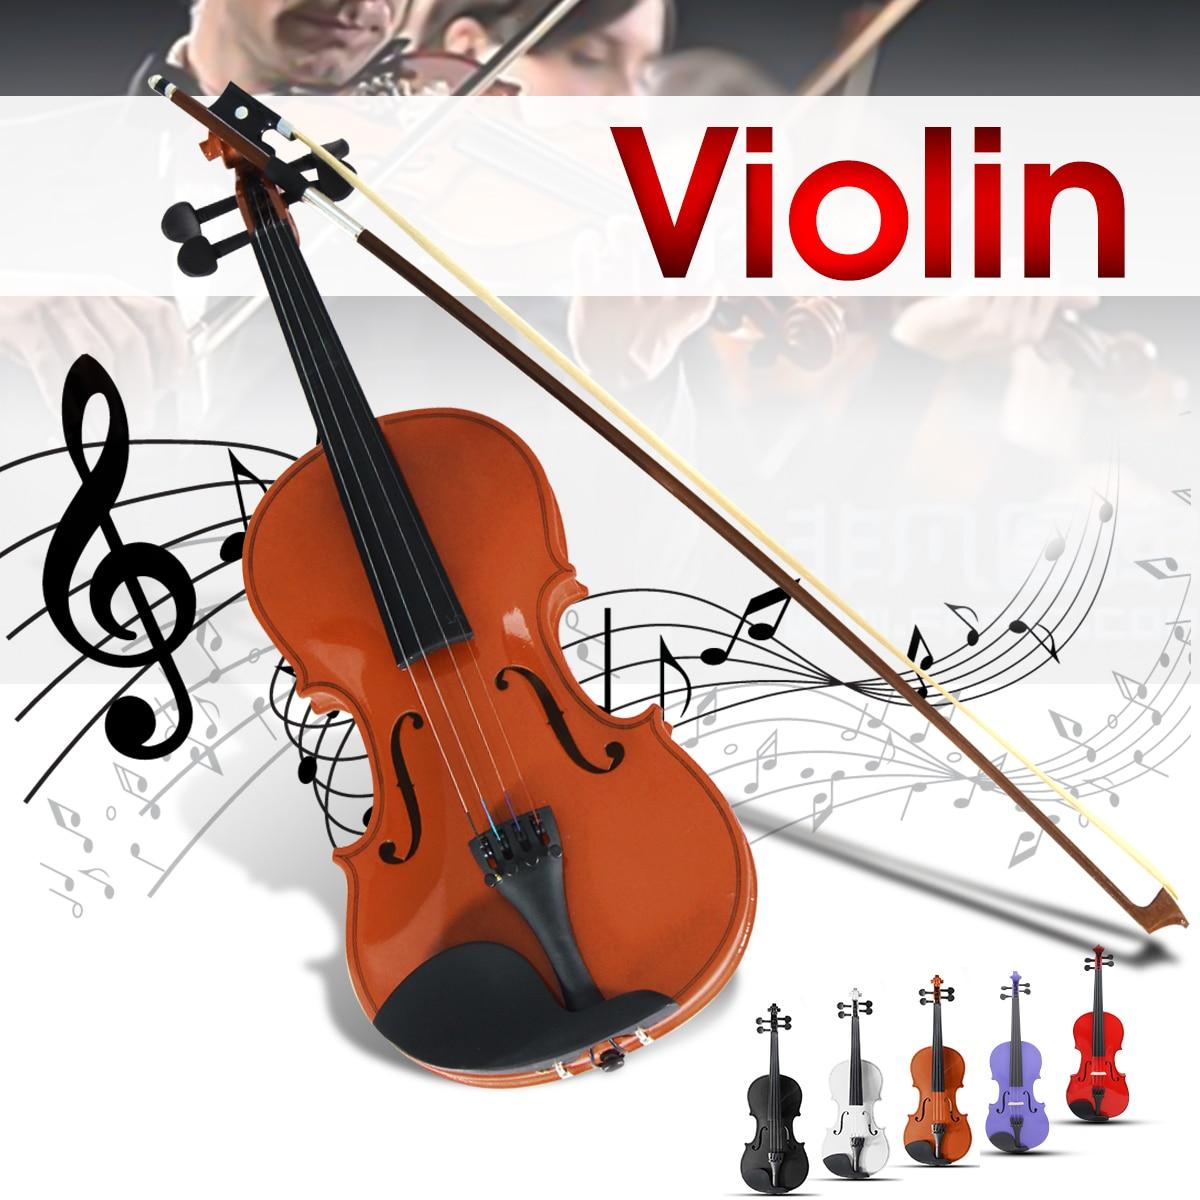 Zebra 4/4 Violino Naturale Acustica Tiglio Viso Bordo Faddle Violino con il Caso Scatola di Colofonia Arco Per Strumenti A Corda Musicale